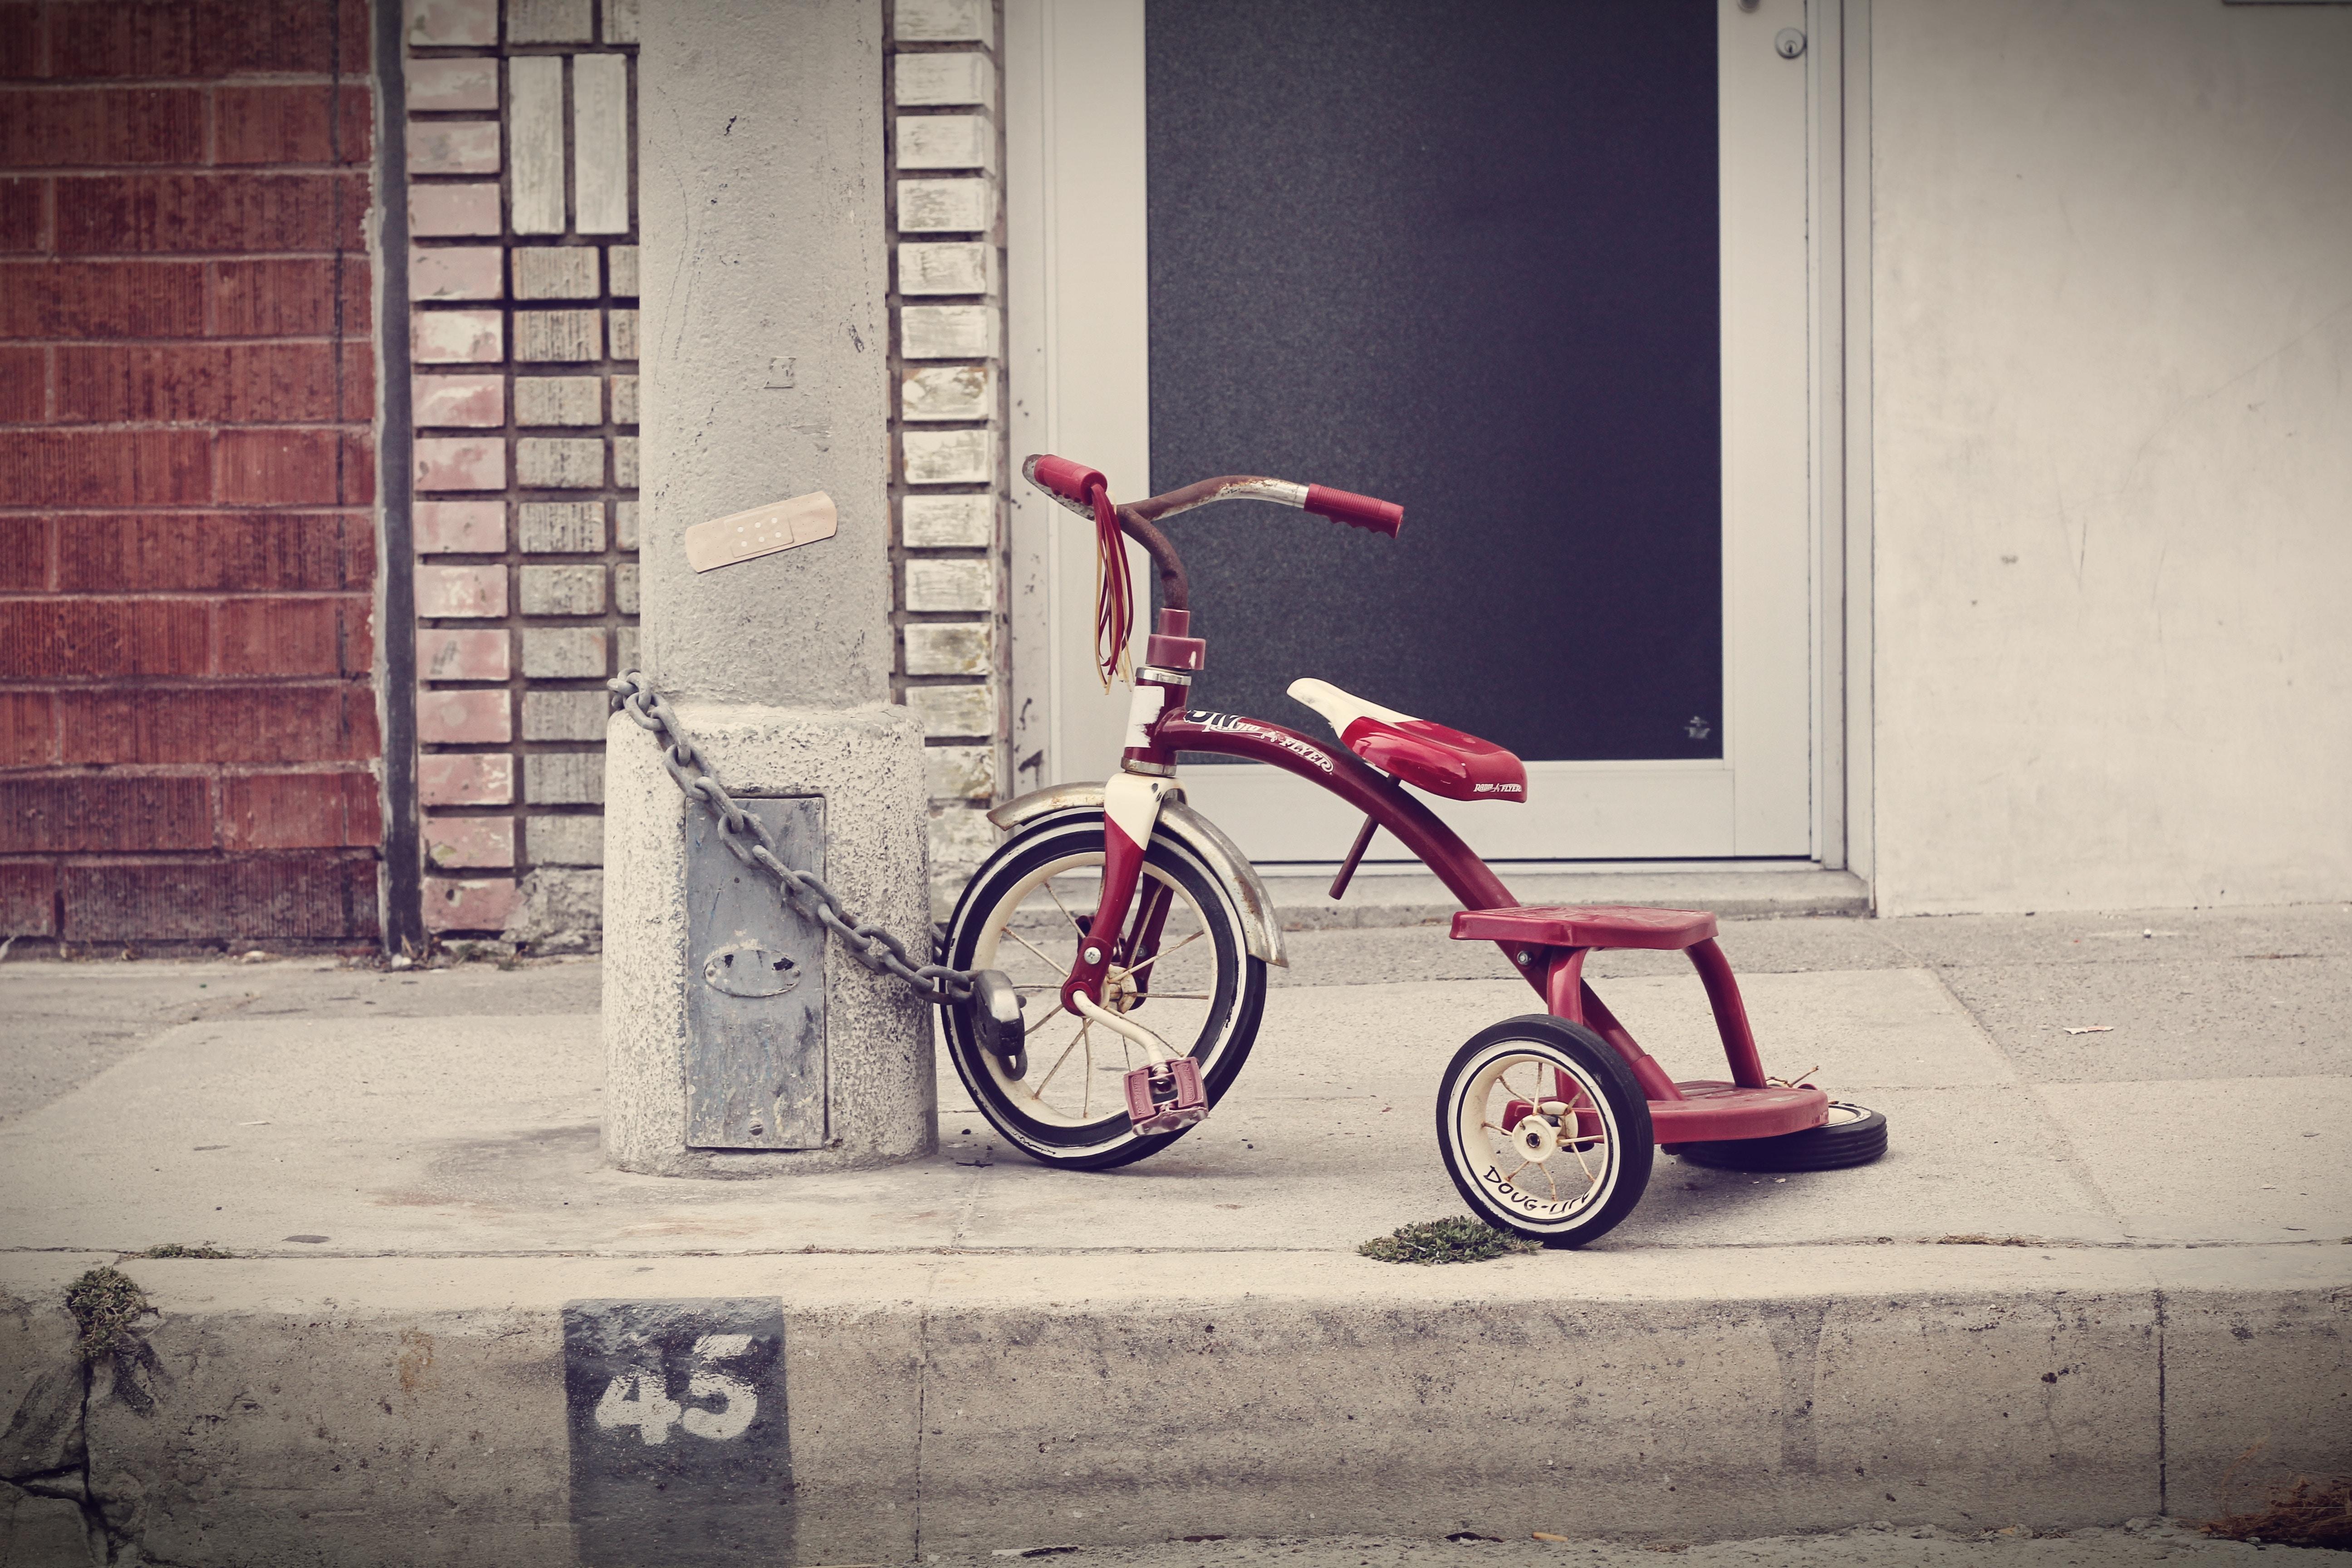 usa la bicicletta invece dello smartphone. cresci meglio!